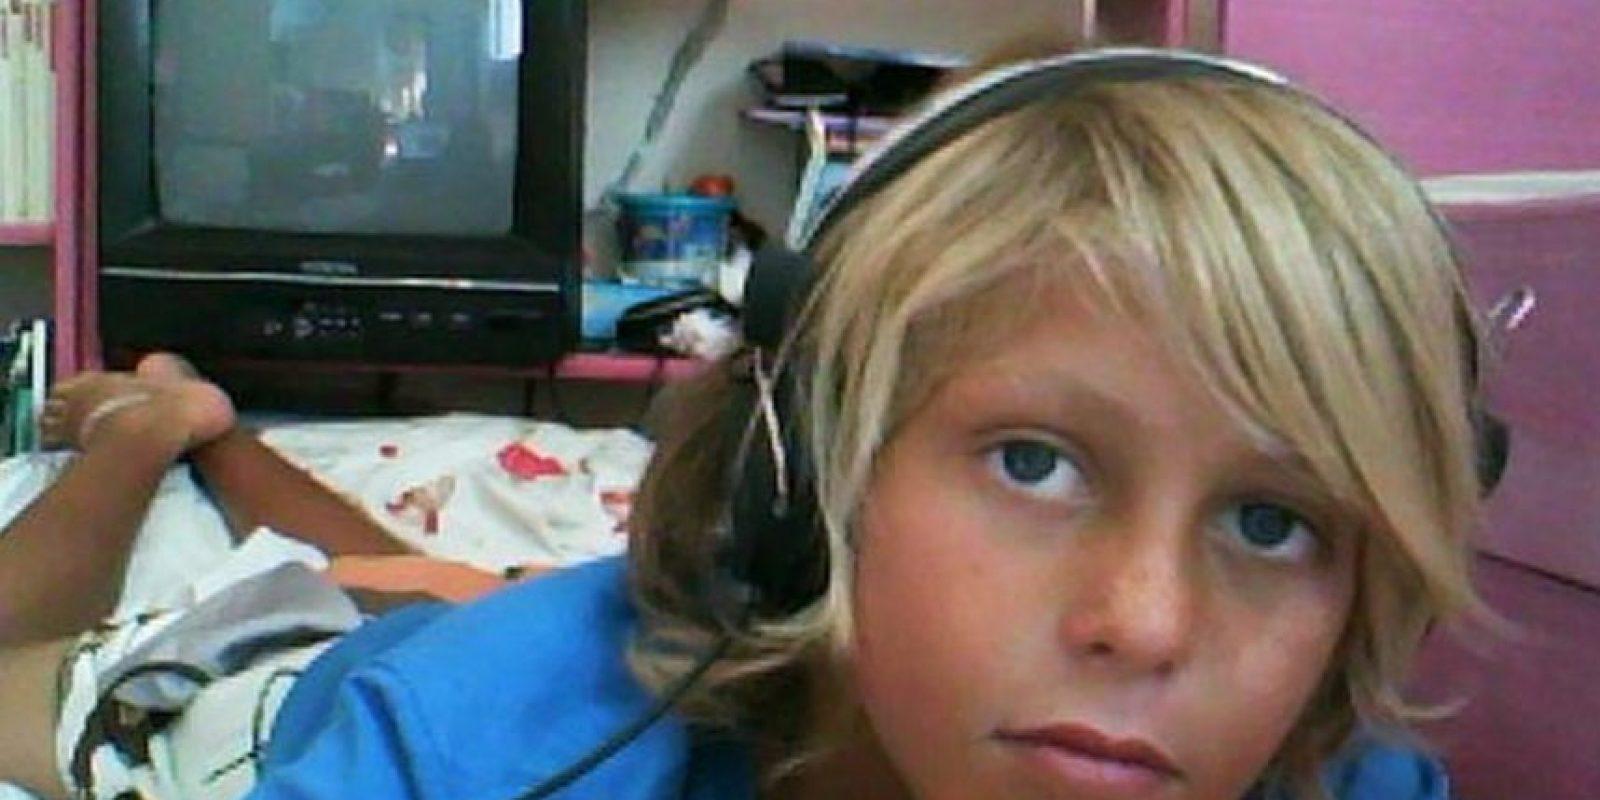 Los servicios médicos no le pudieron salvar la vida Foto:Vía facebook.com/elio.canestri.7